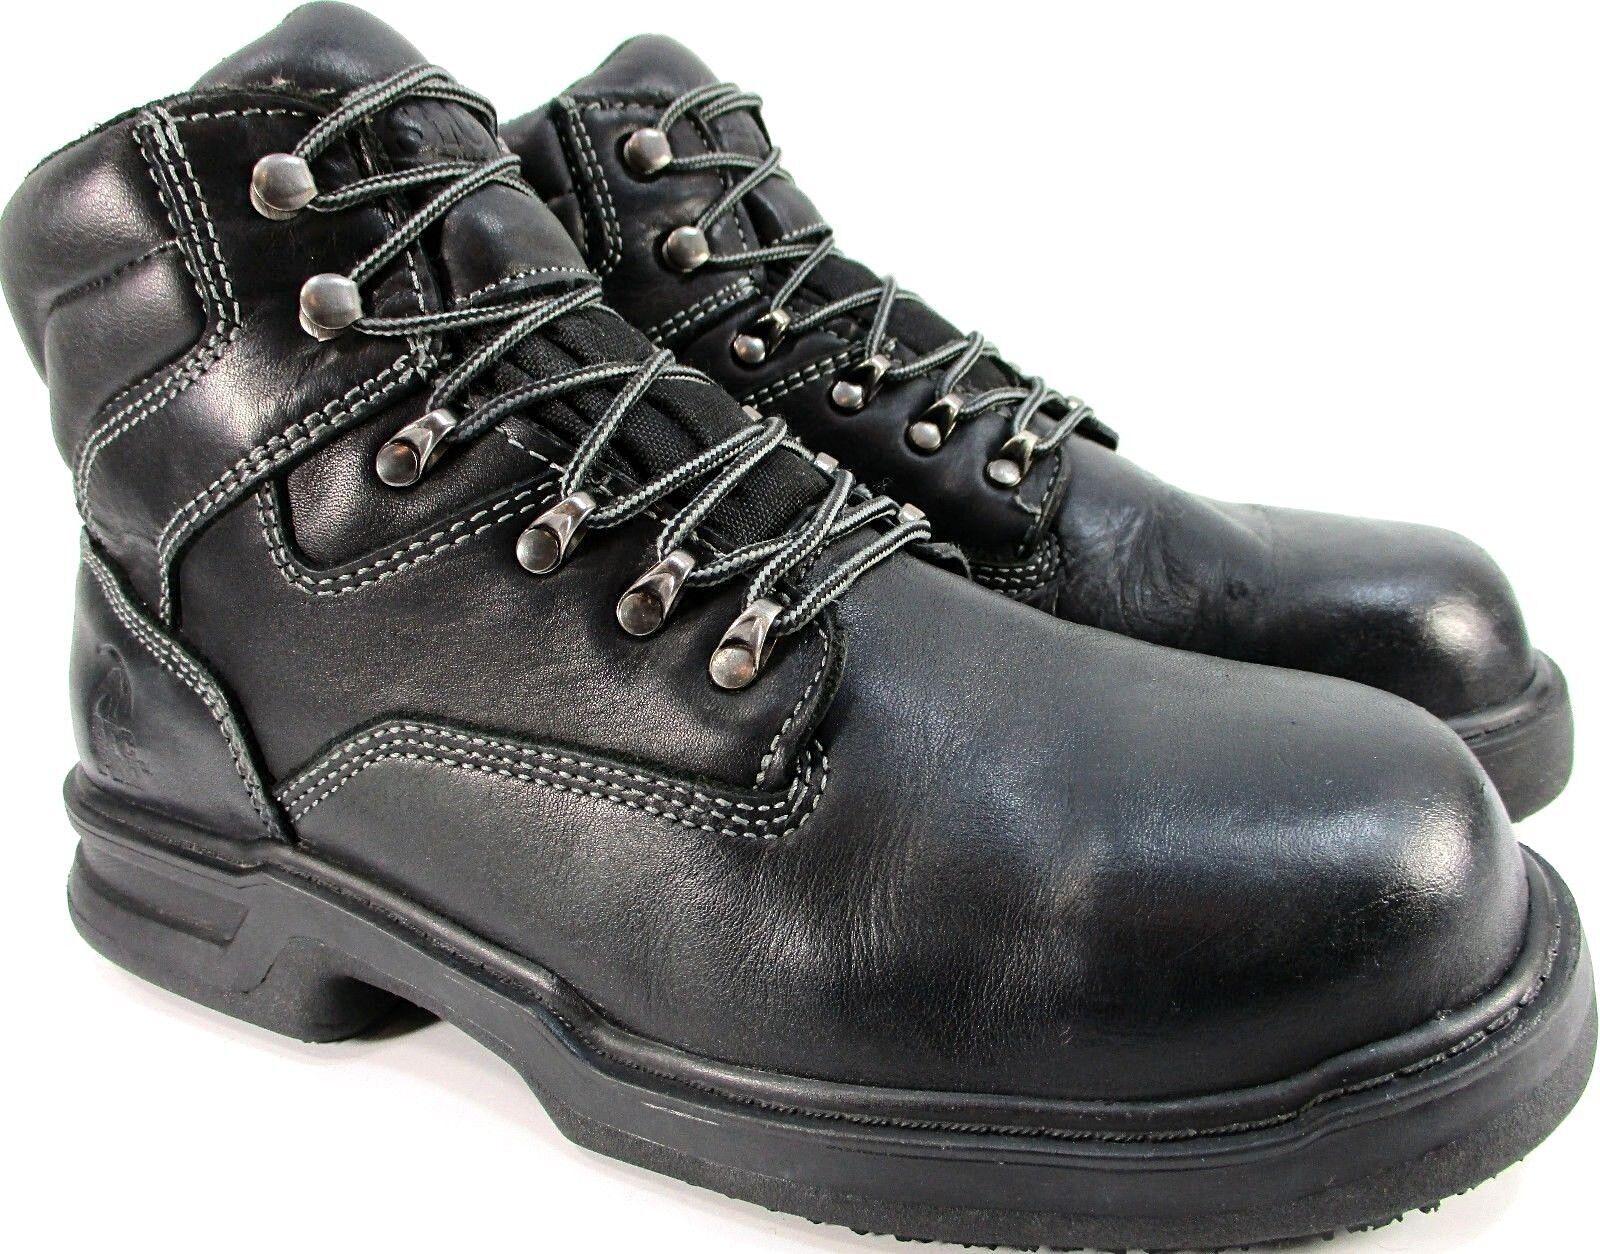 SFC Pro Hombres Puntera De Acero botas De Trabajo euro 45.5 Negro Estilo 8282